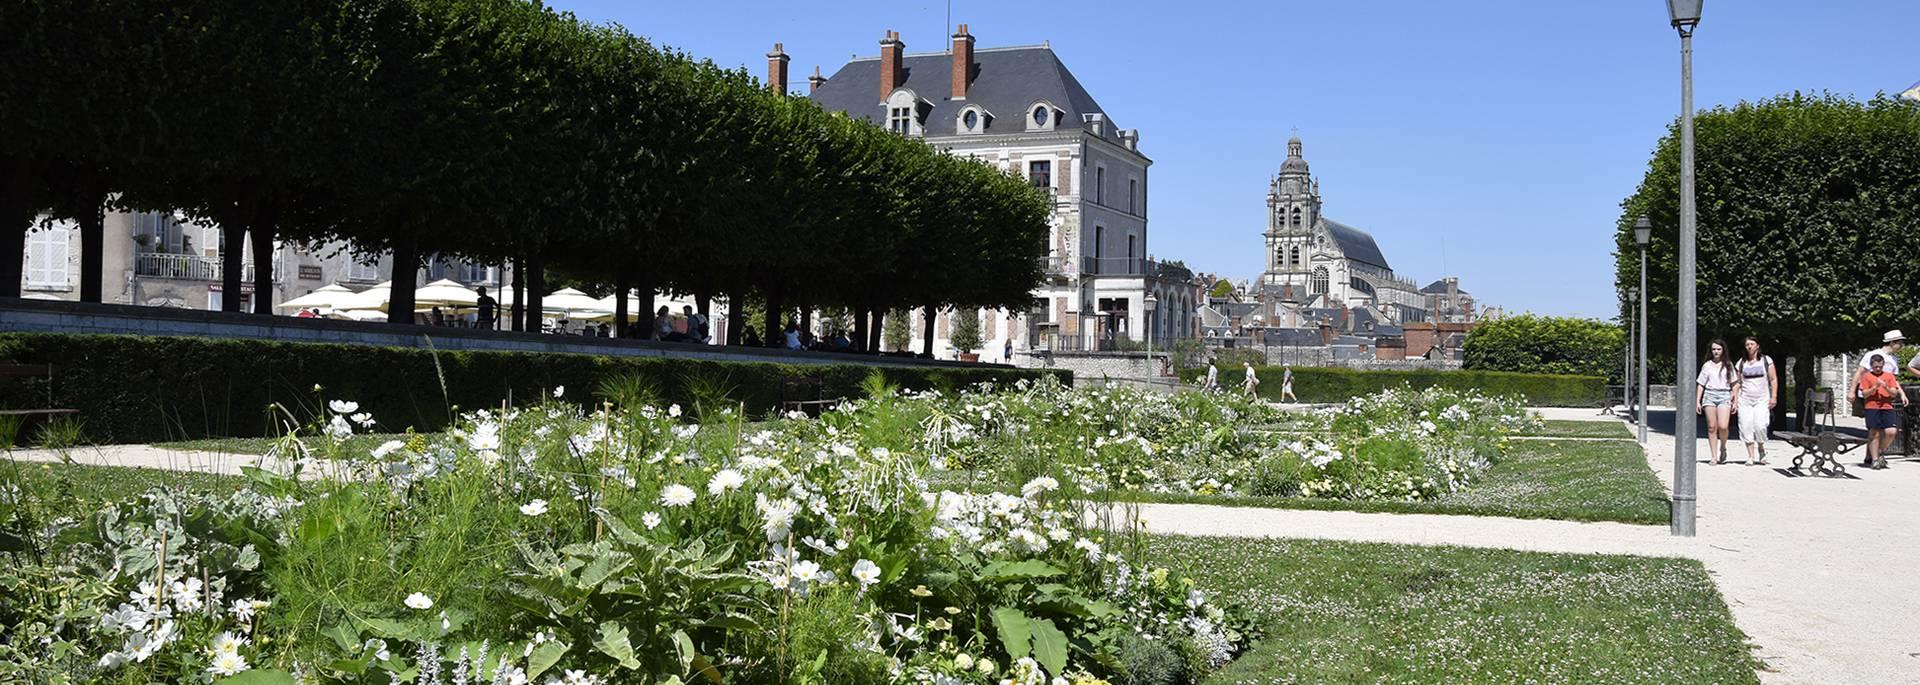 Jardines Saint Sauveur 2018